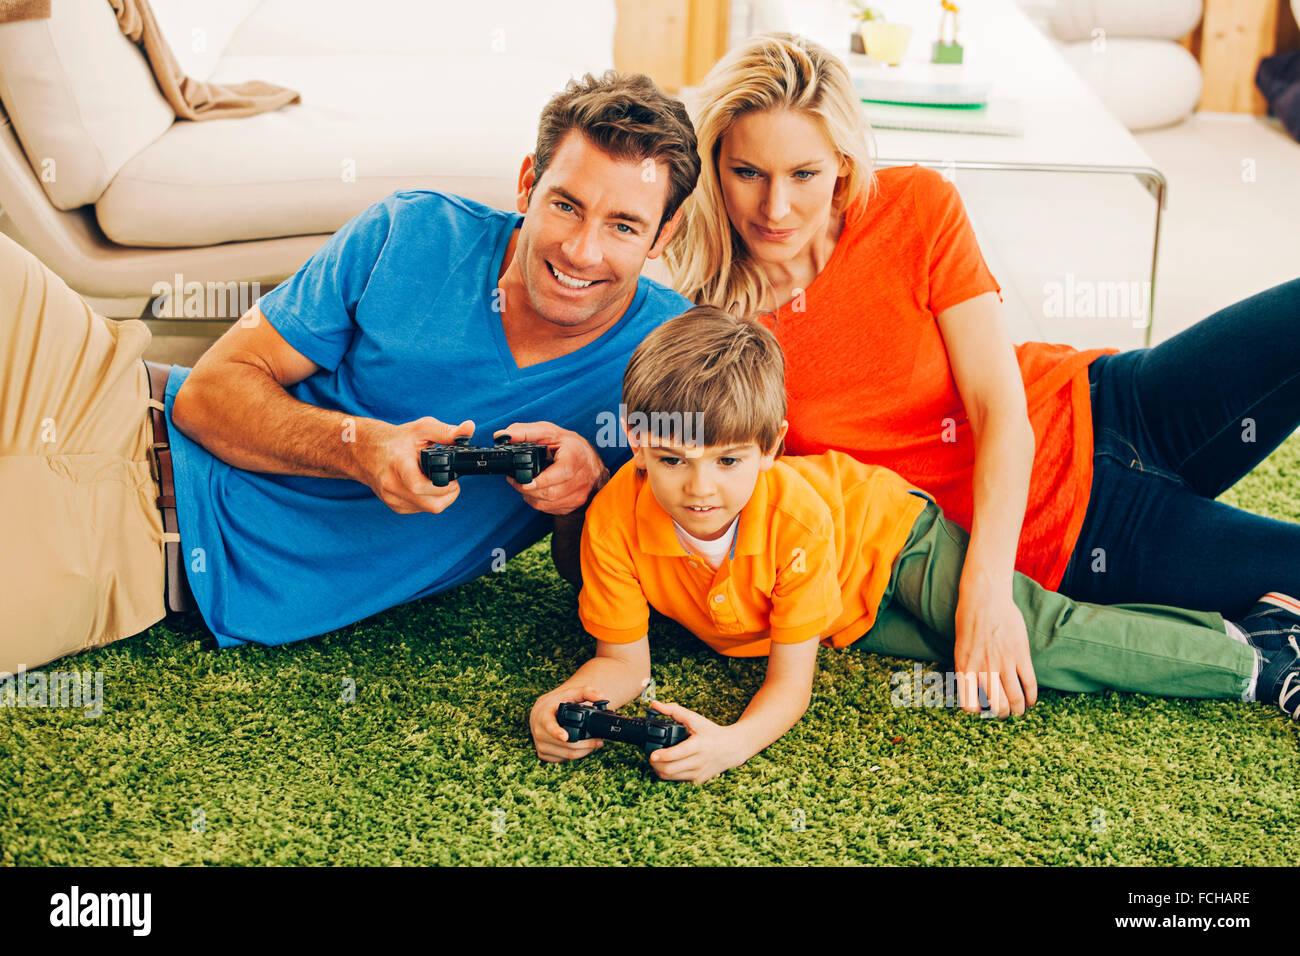 Famiglia di tre persone la riproduzione del video gioco in soggiorno Immagini Stock